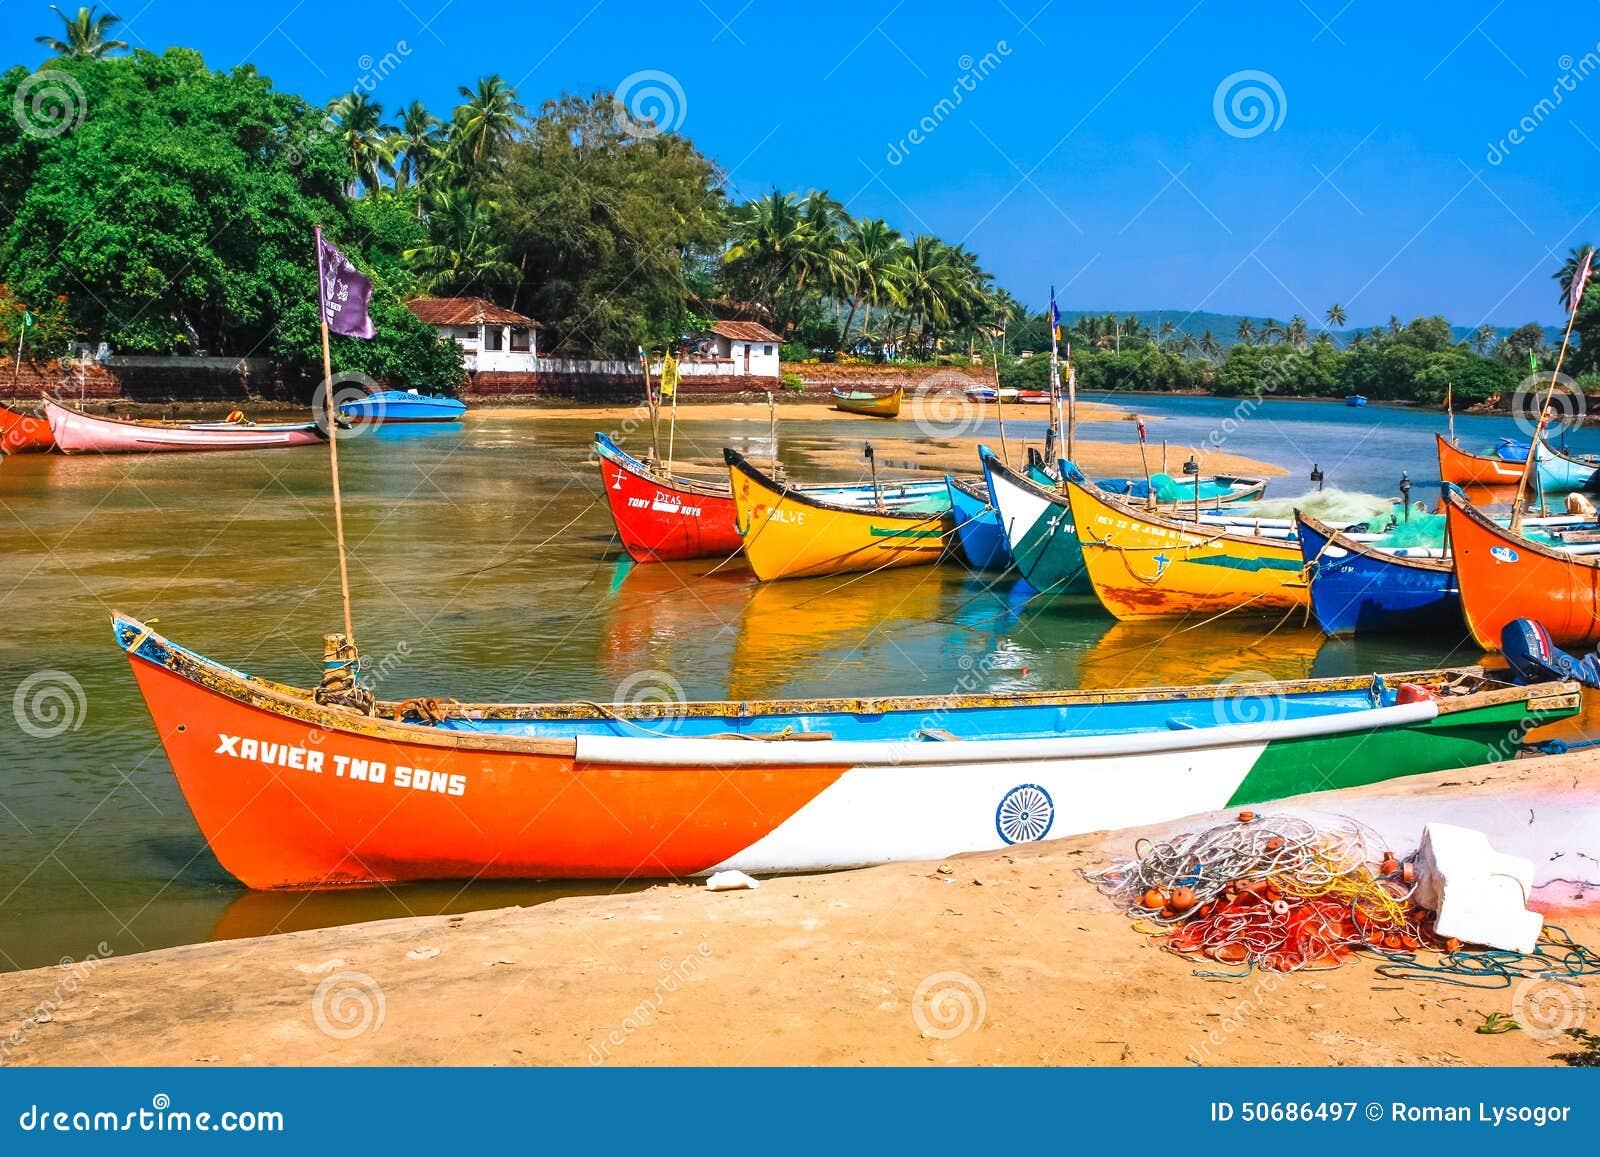 Download 海滩小船钓鱼 图库摄影片. 图片 包括有 渔网, 围网, 水平, 标志, 本质, 捕鱼, 没人, 旅行, 结构树 - 50686497